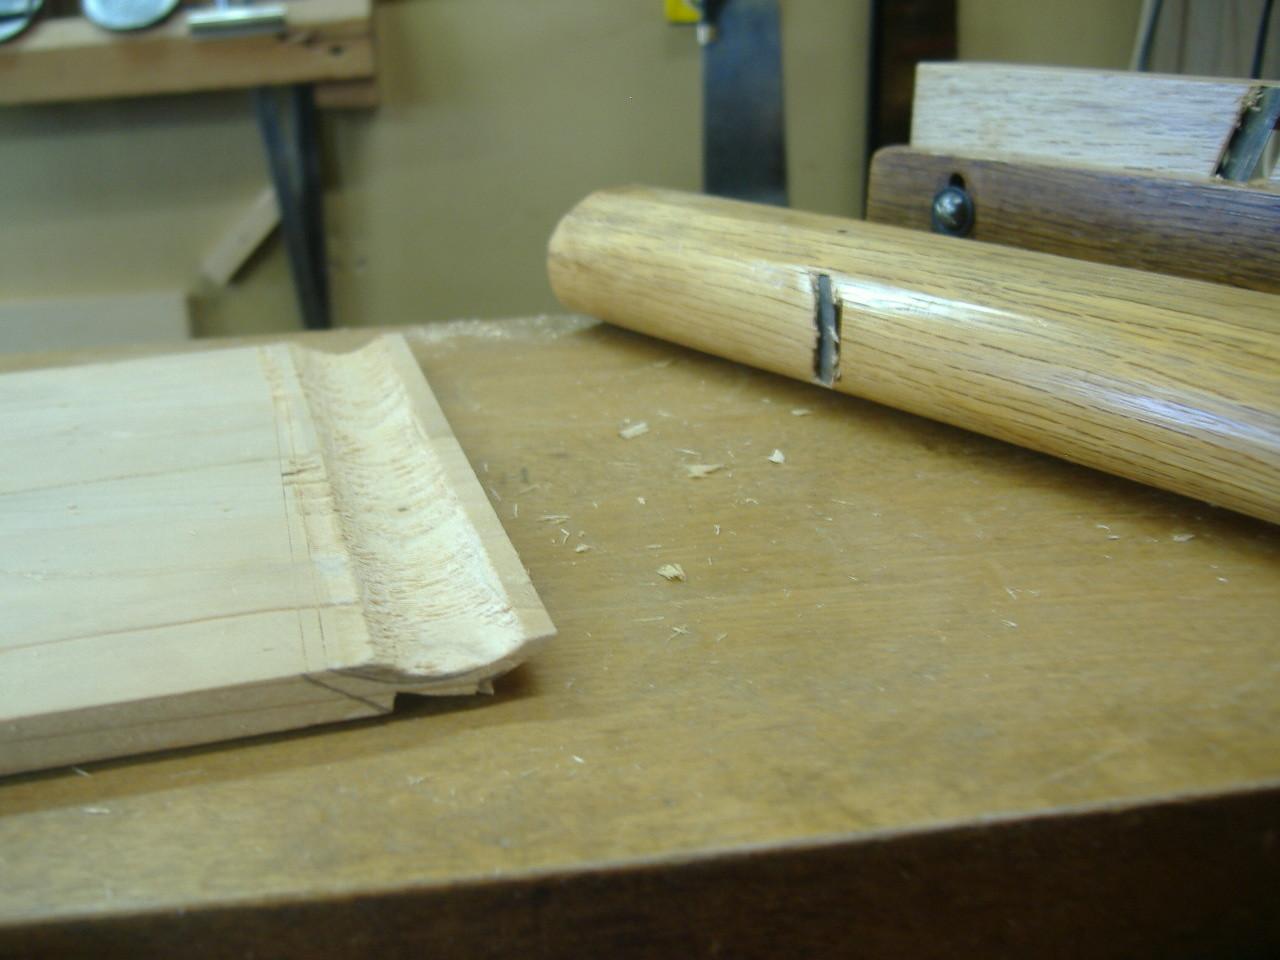 仏壇洗濯・修理 内側になる部分を横木に使い、「丸カンナ」で削ります。